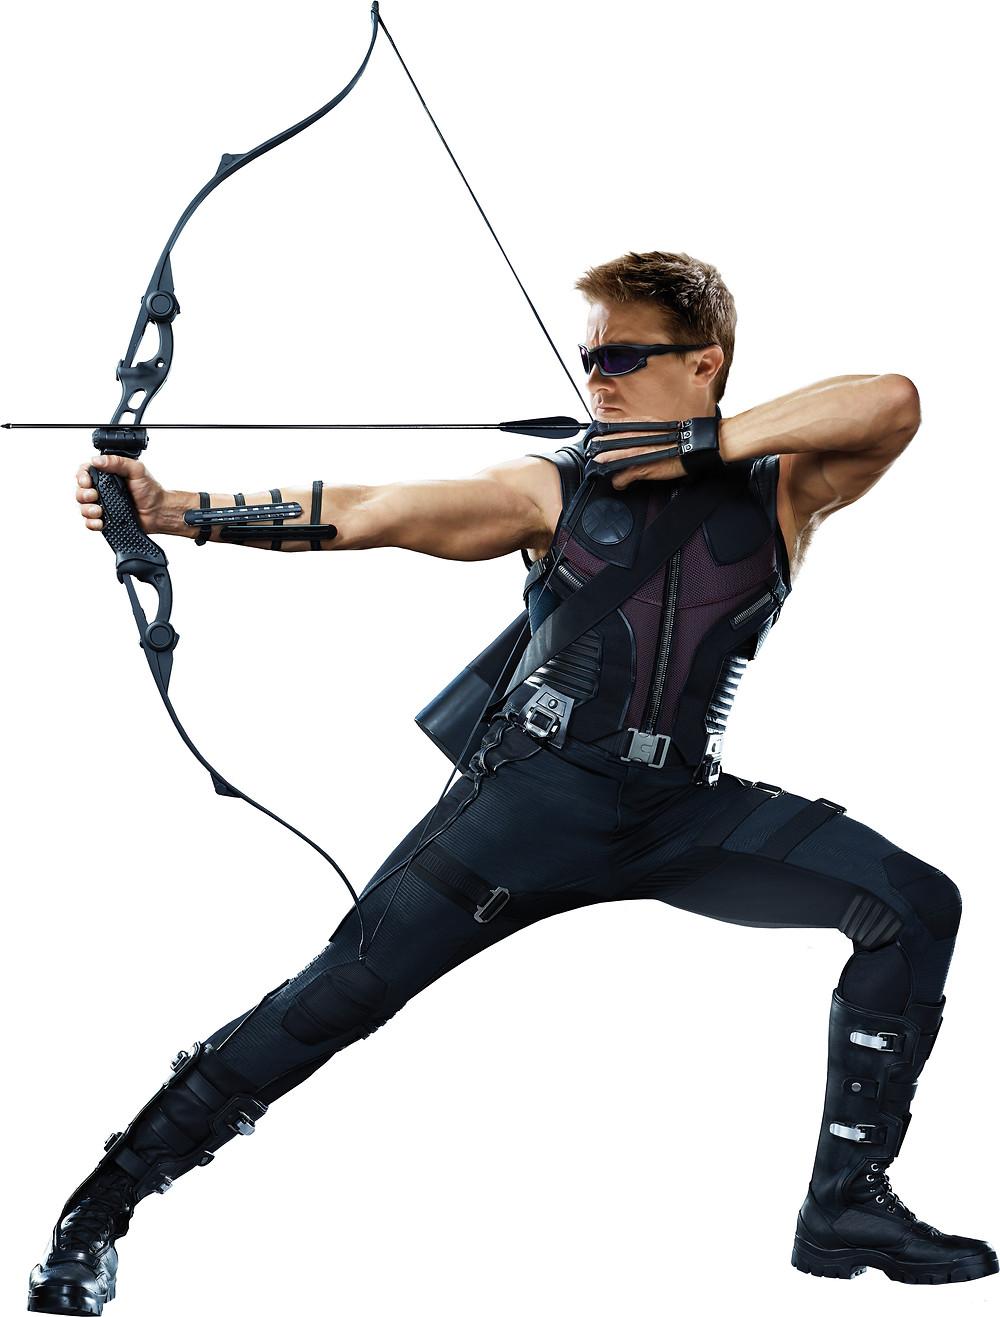 Hawkeye shooting his arrow